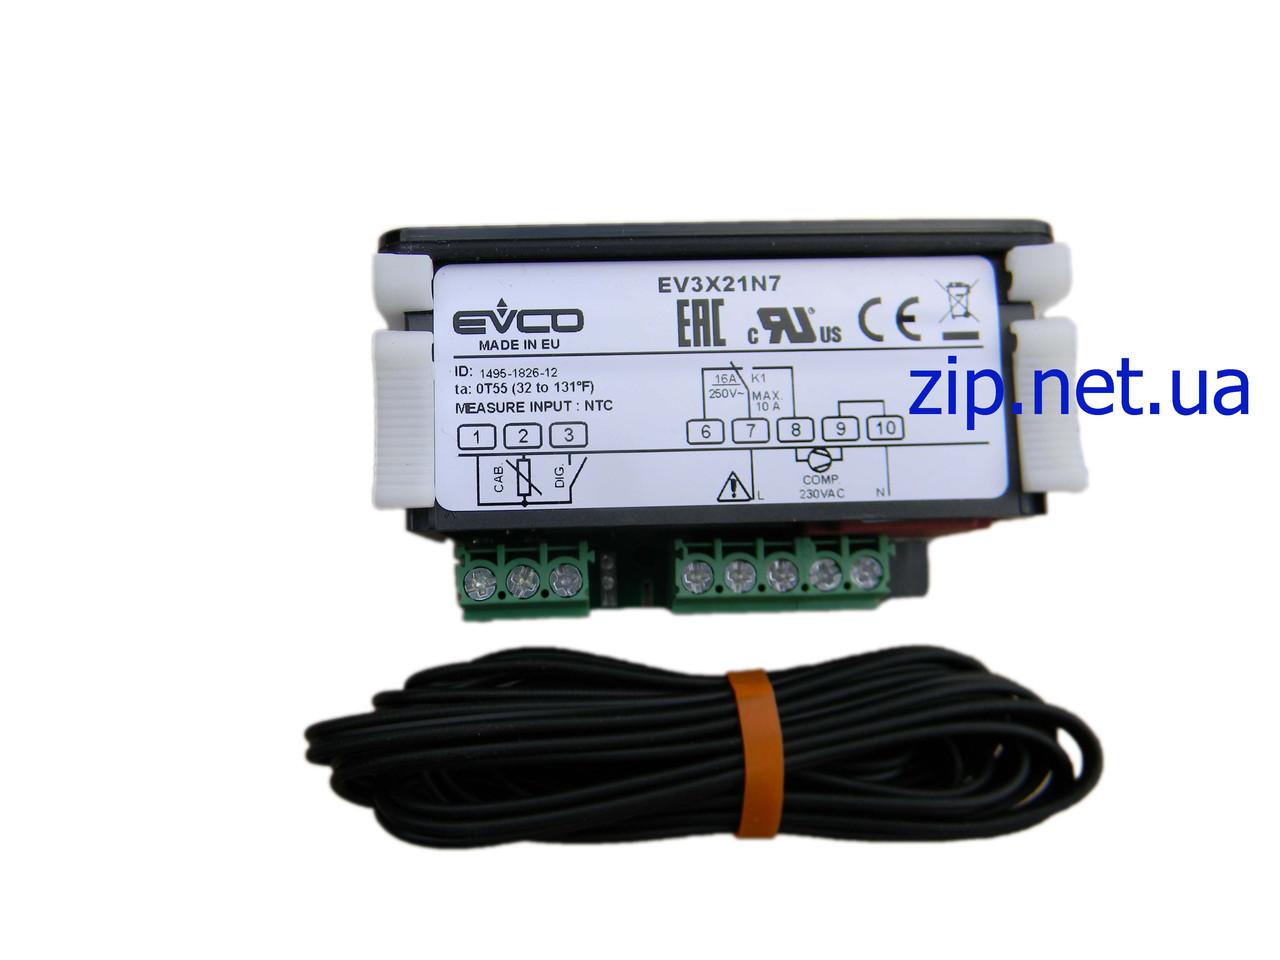 Контроллер Evco EV3X21N7 (Евко 21) 1 датчик